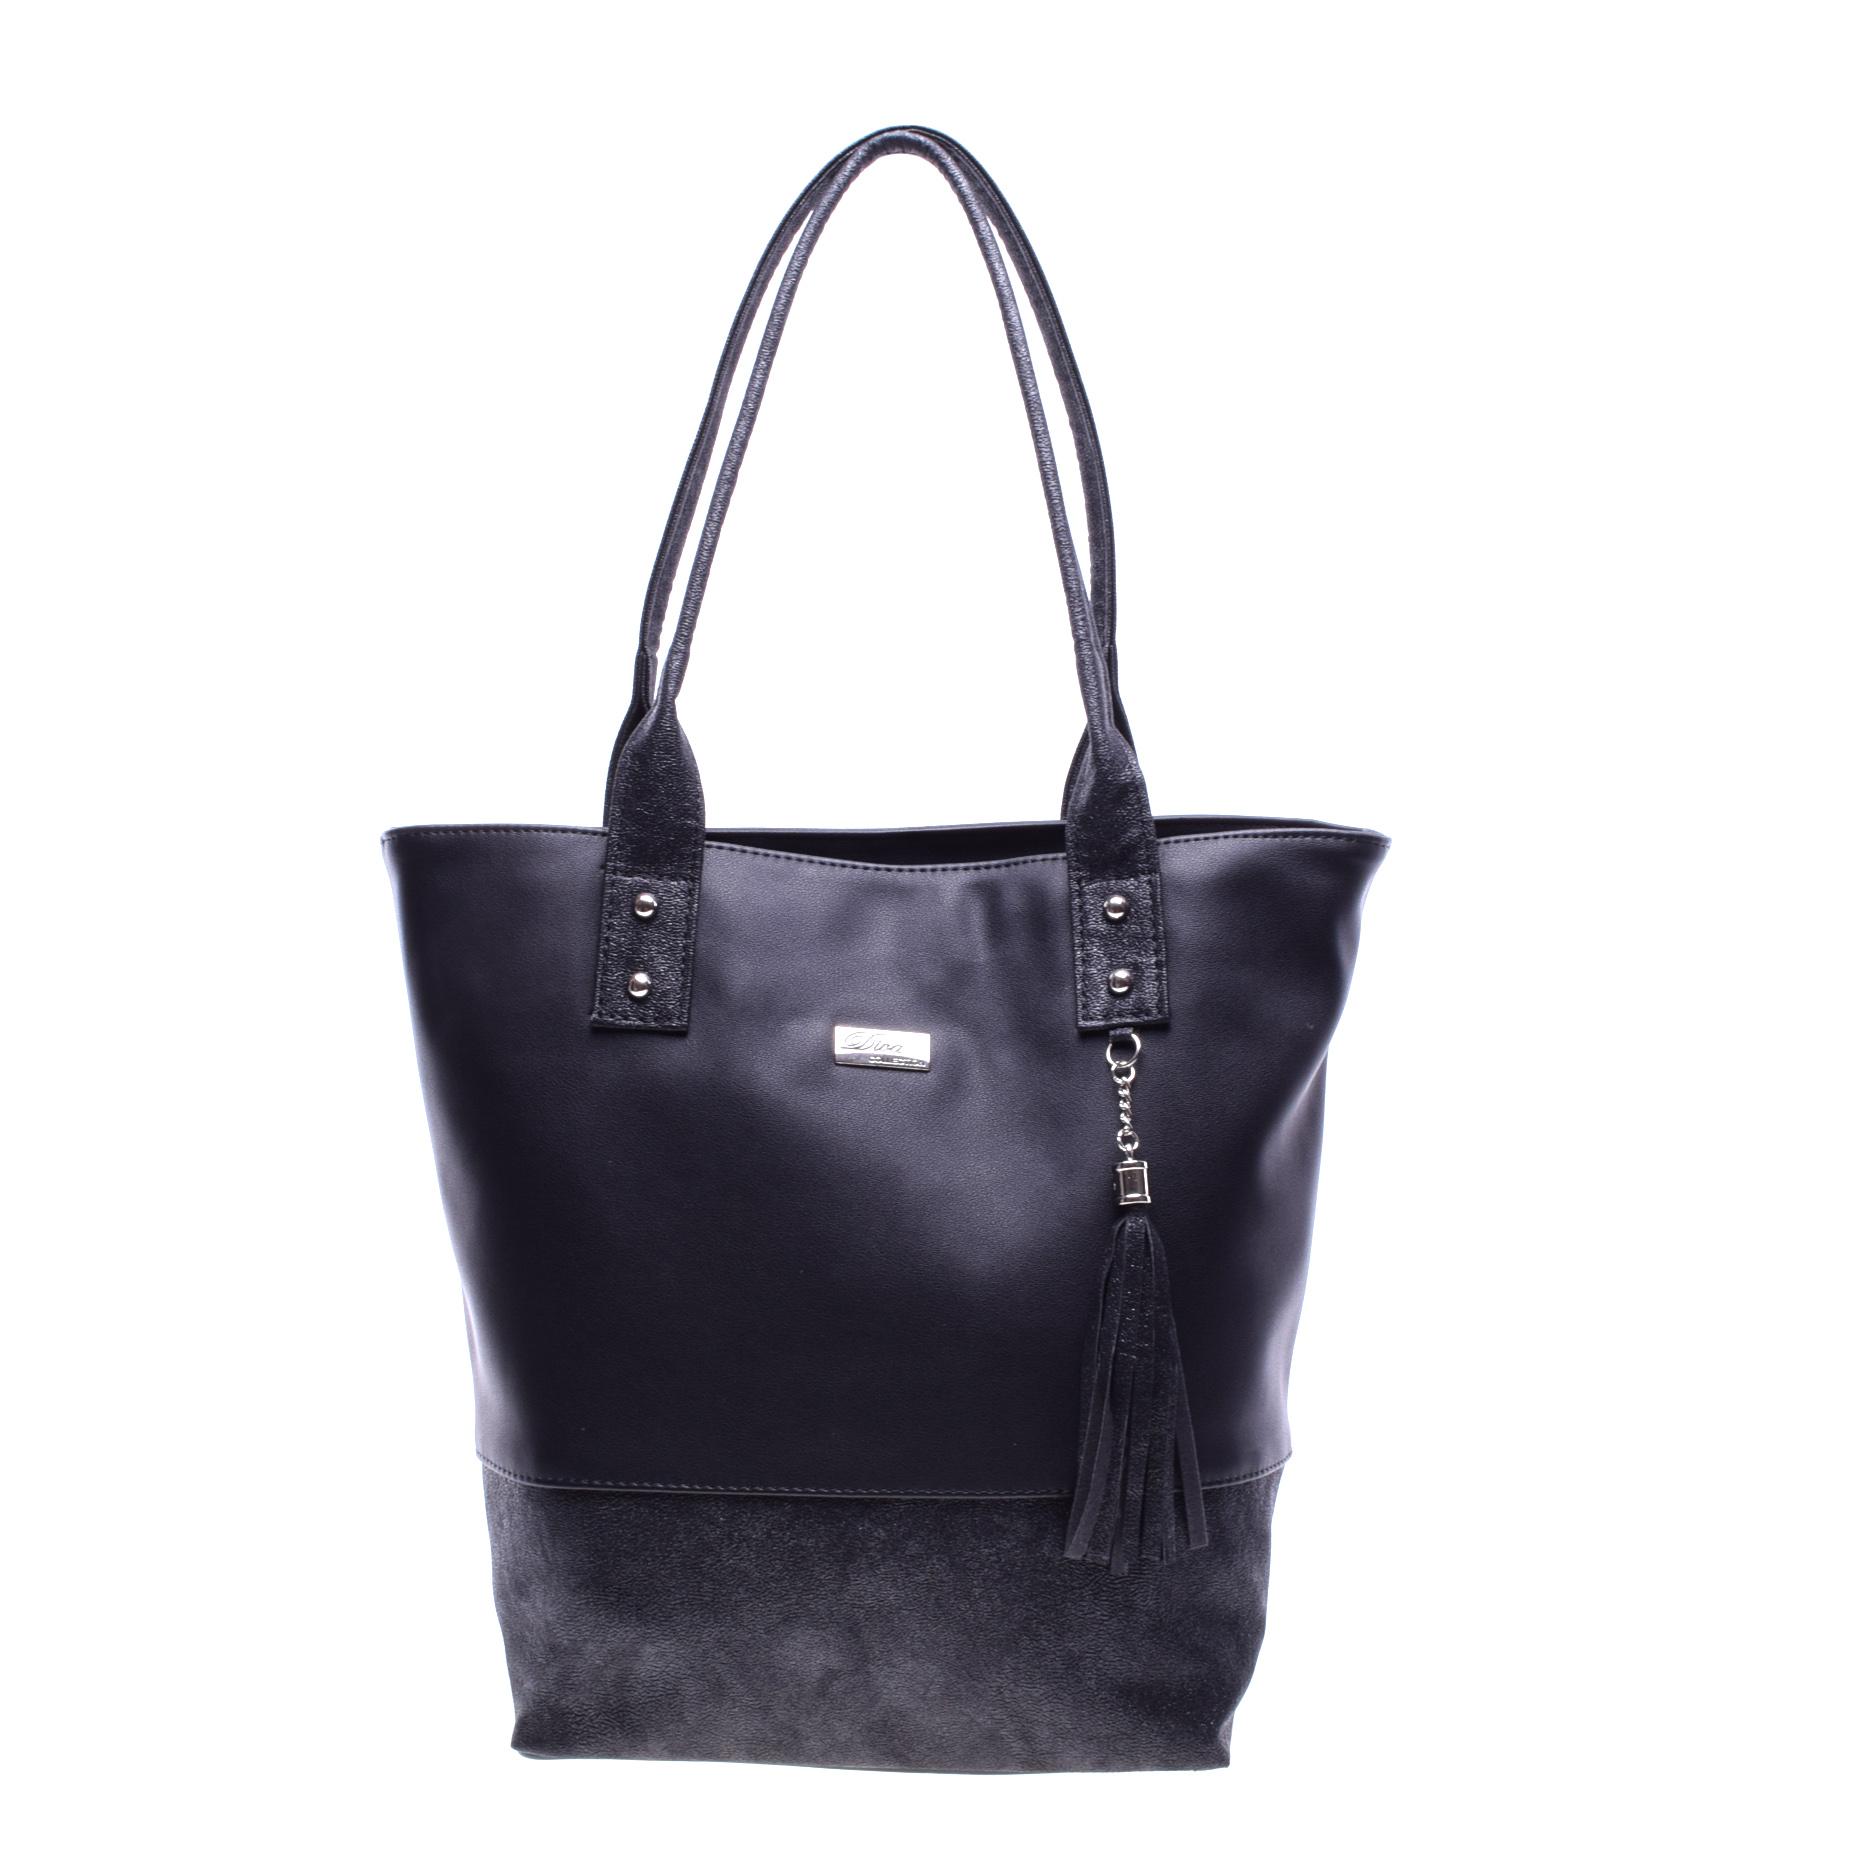 fdccaadef69c Diva Női Fekete Nagy Műbőr Válltáska - Válltáskák - Táska webáruház -  Minőségi táskák mindenkinek